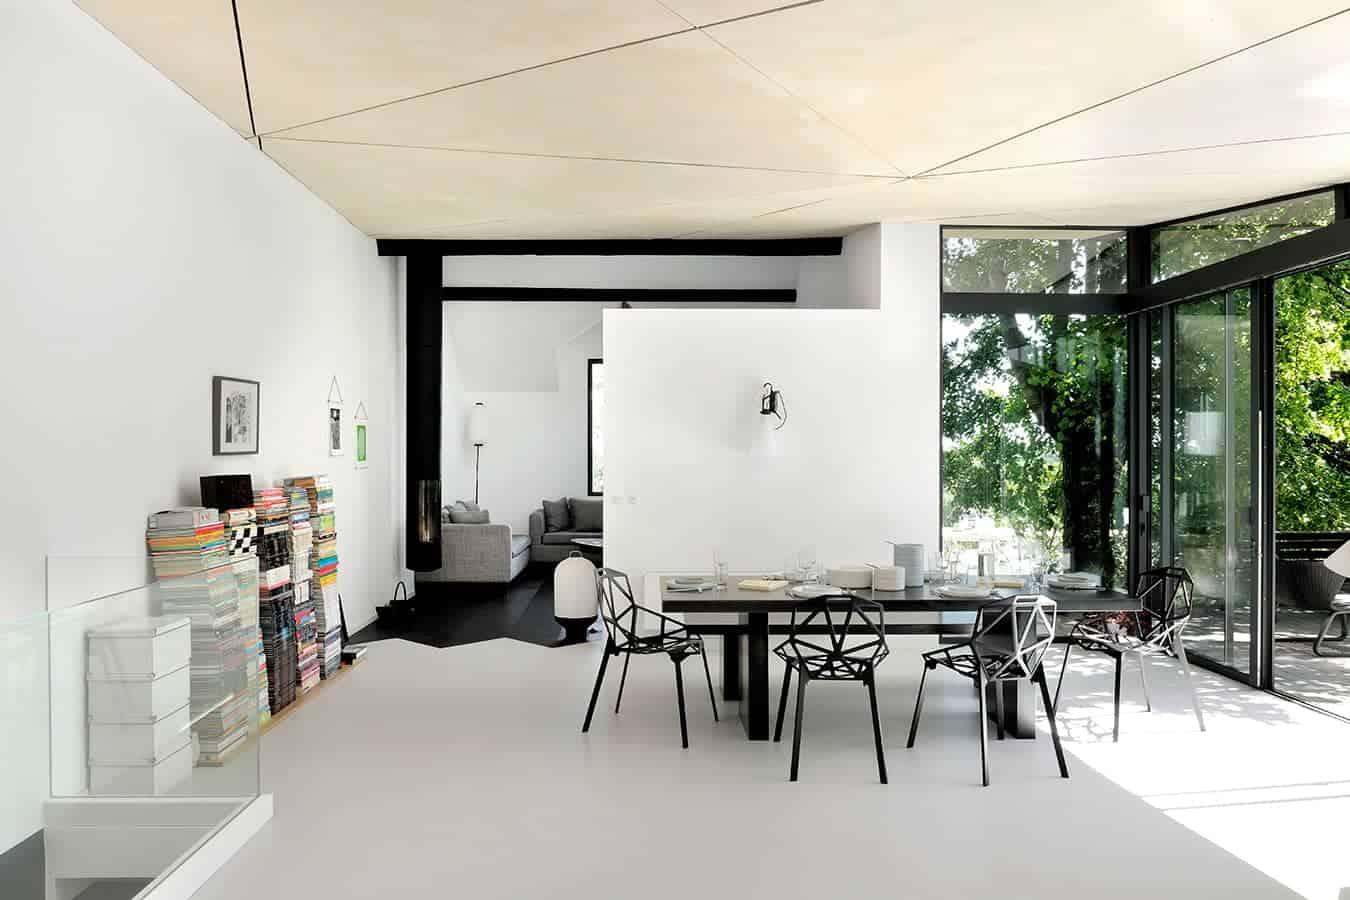 L'espace intérieur s'inscrit dans une dynamique noire et blanche, réchauffée par un jeu graphique au plafond.